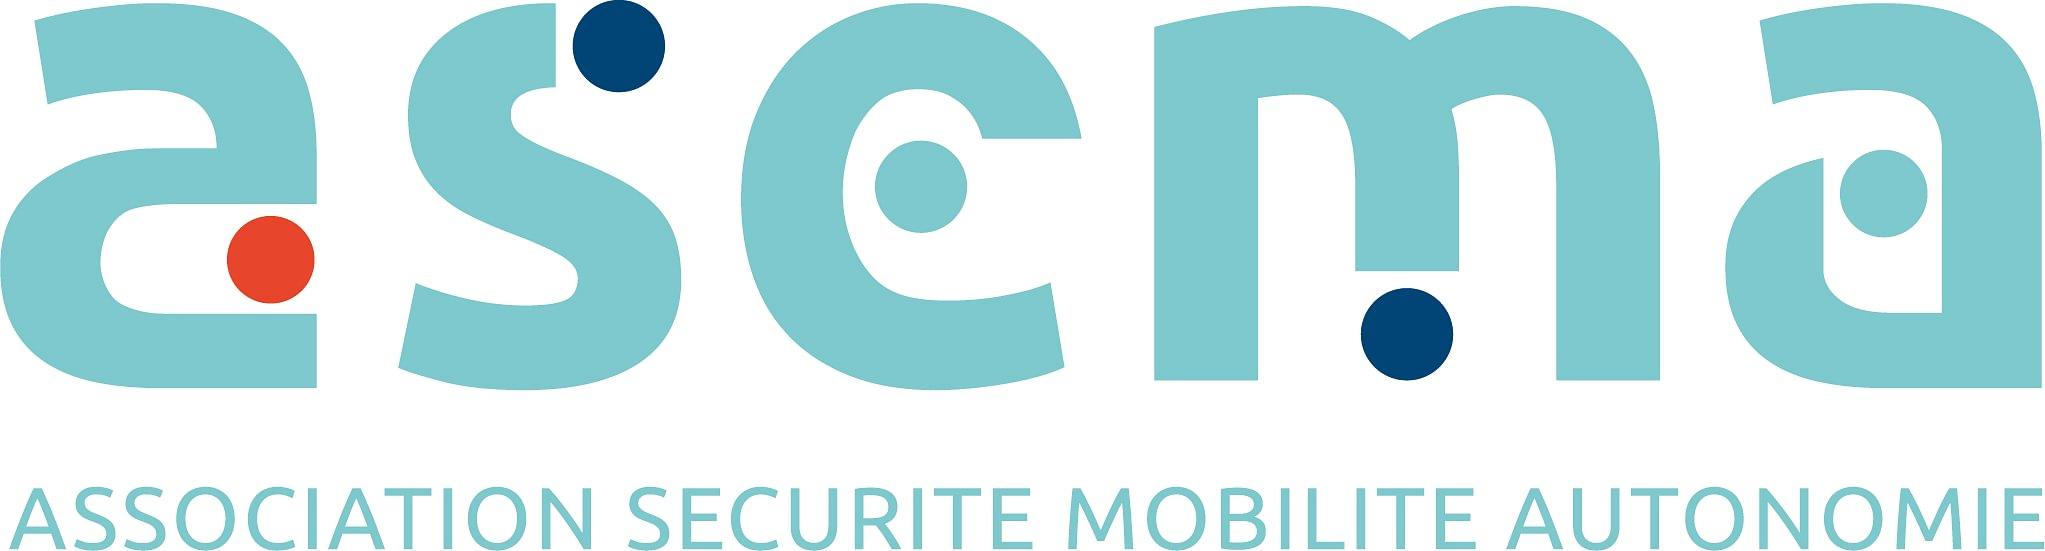 ASEMA Association Sécurité Mobilité Autonomie